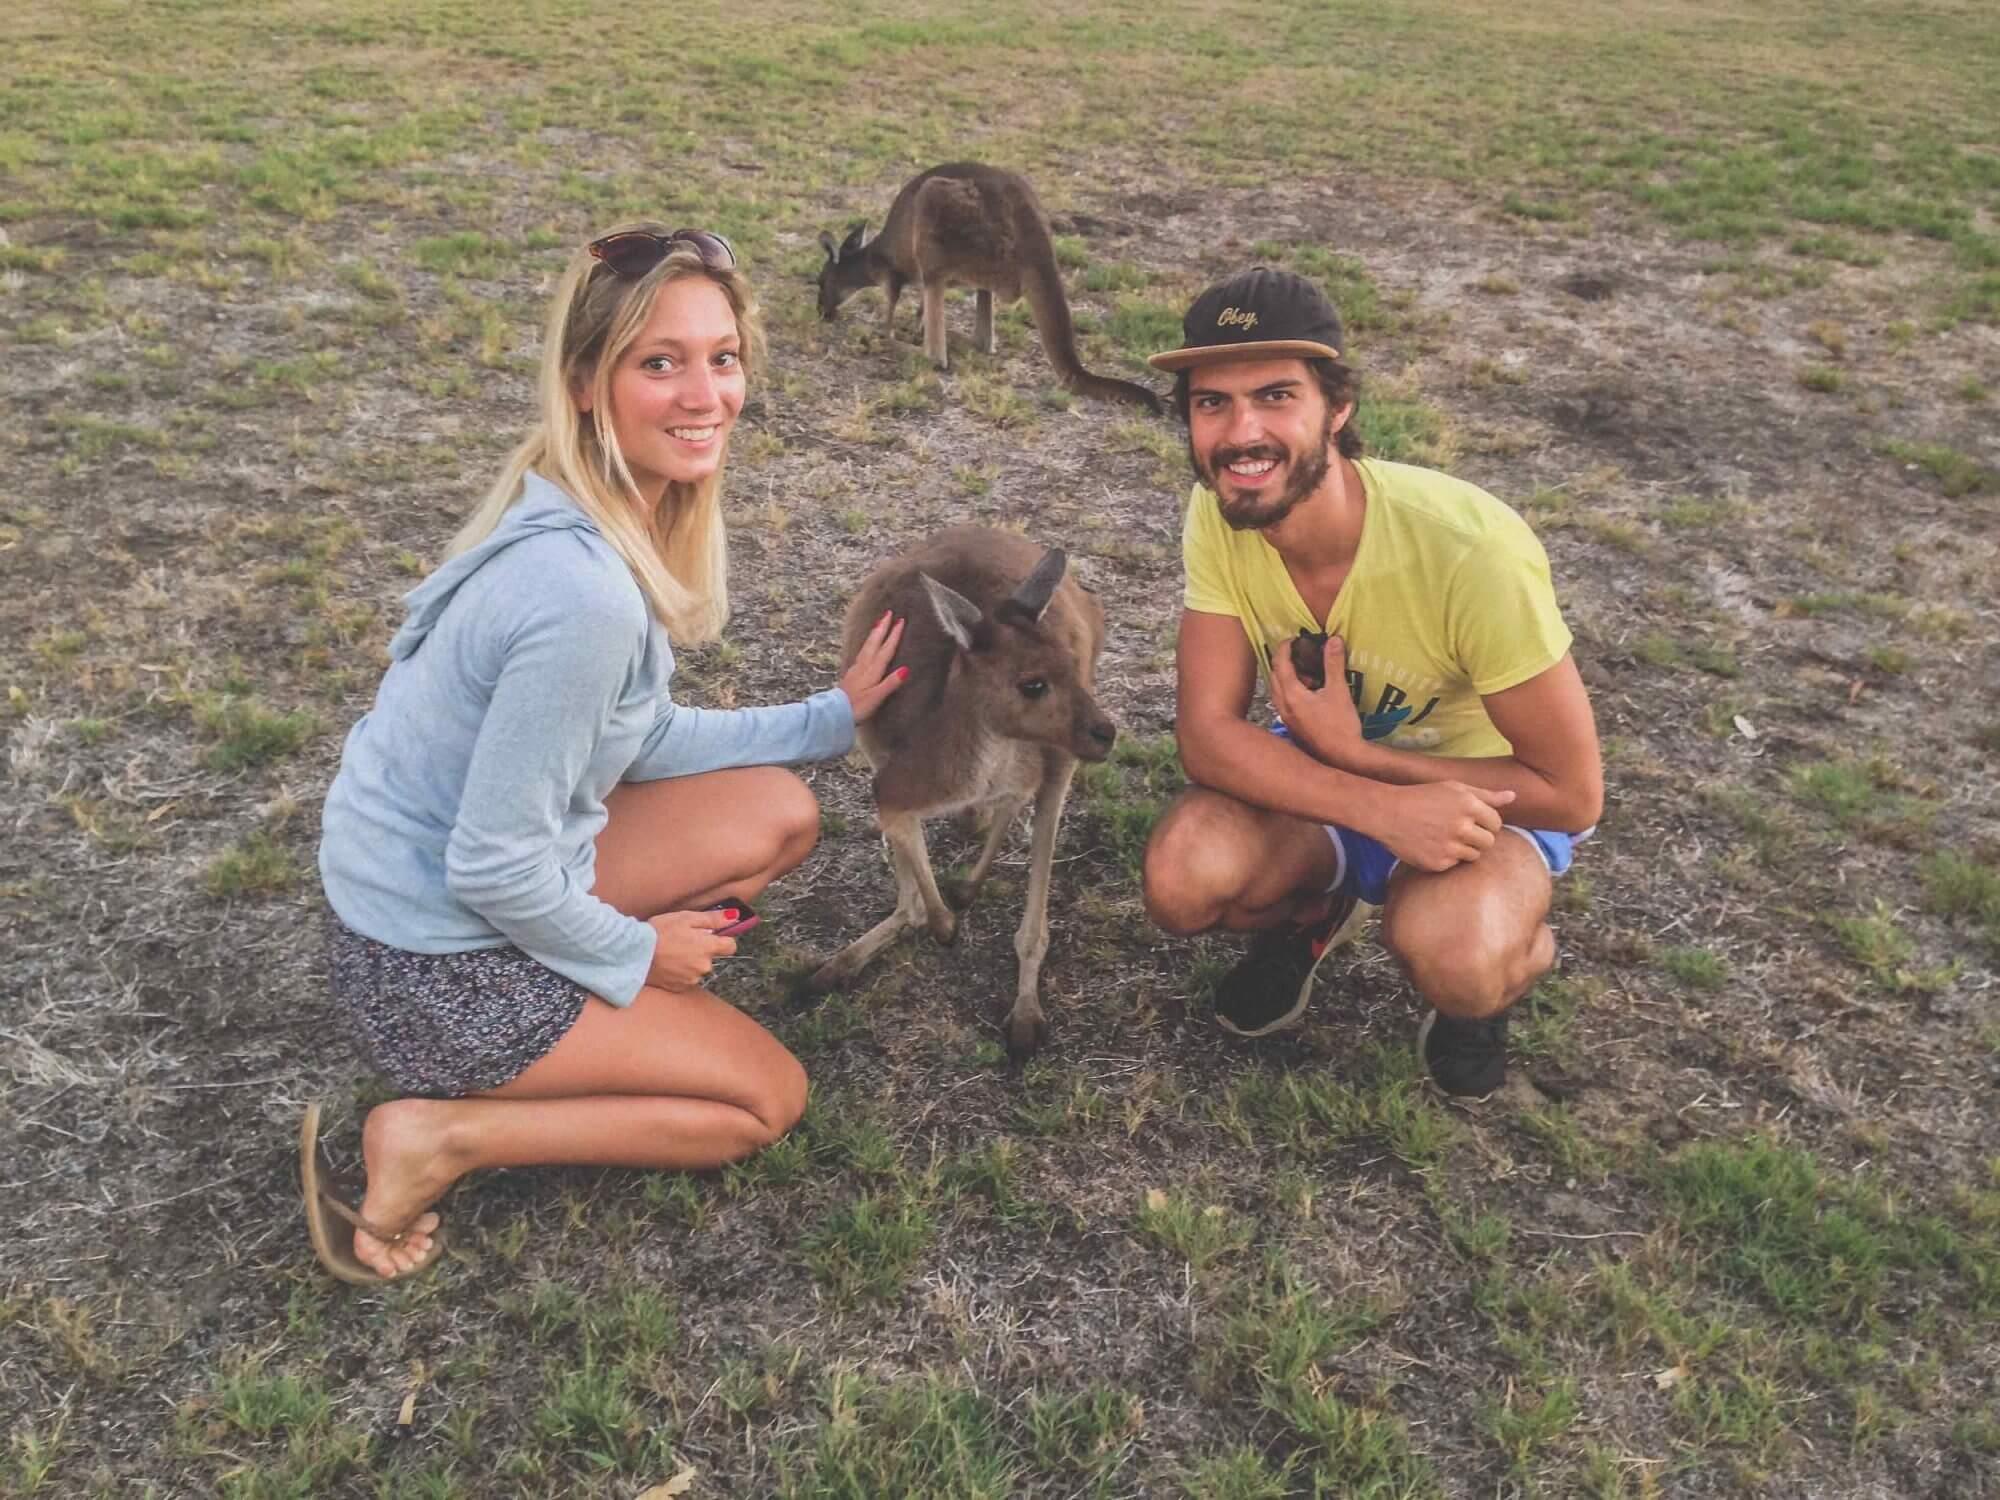 Aller en Australie pendant un an : comment préparer son voyage ?